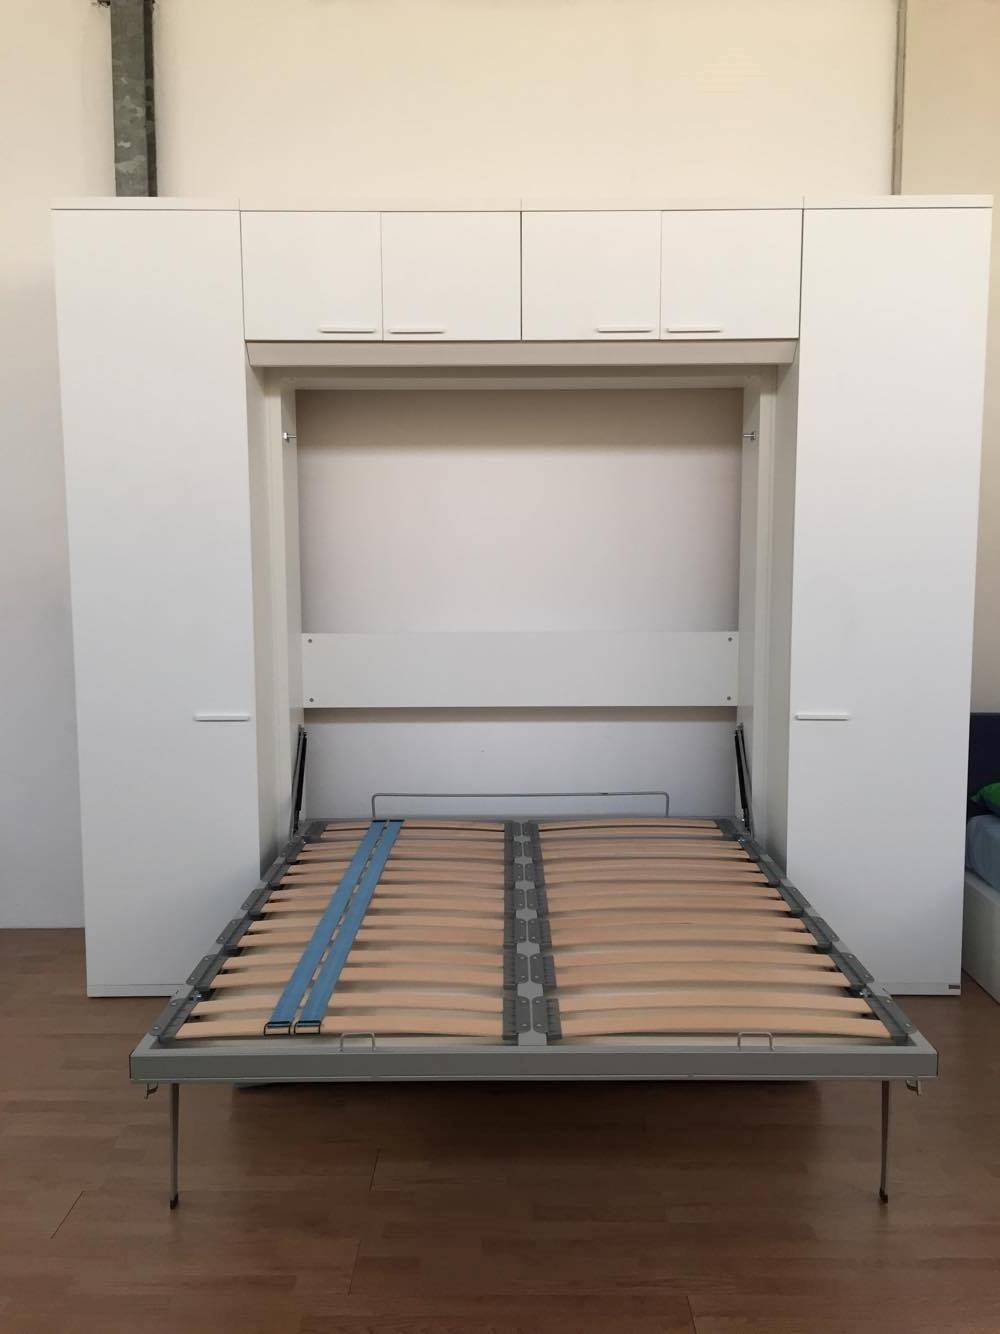 Mobile divano letto idee per il design della casa - Mobile letto matrimoniale a scomparsa ...